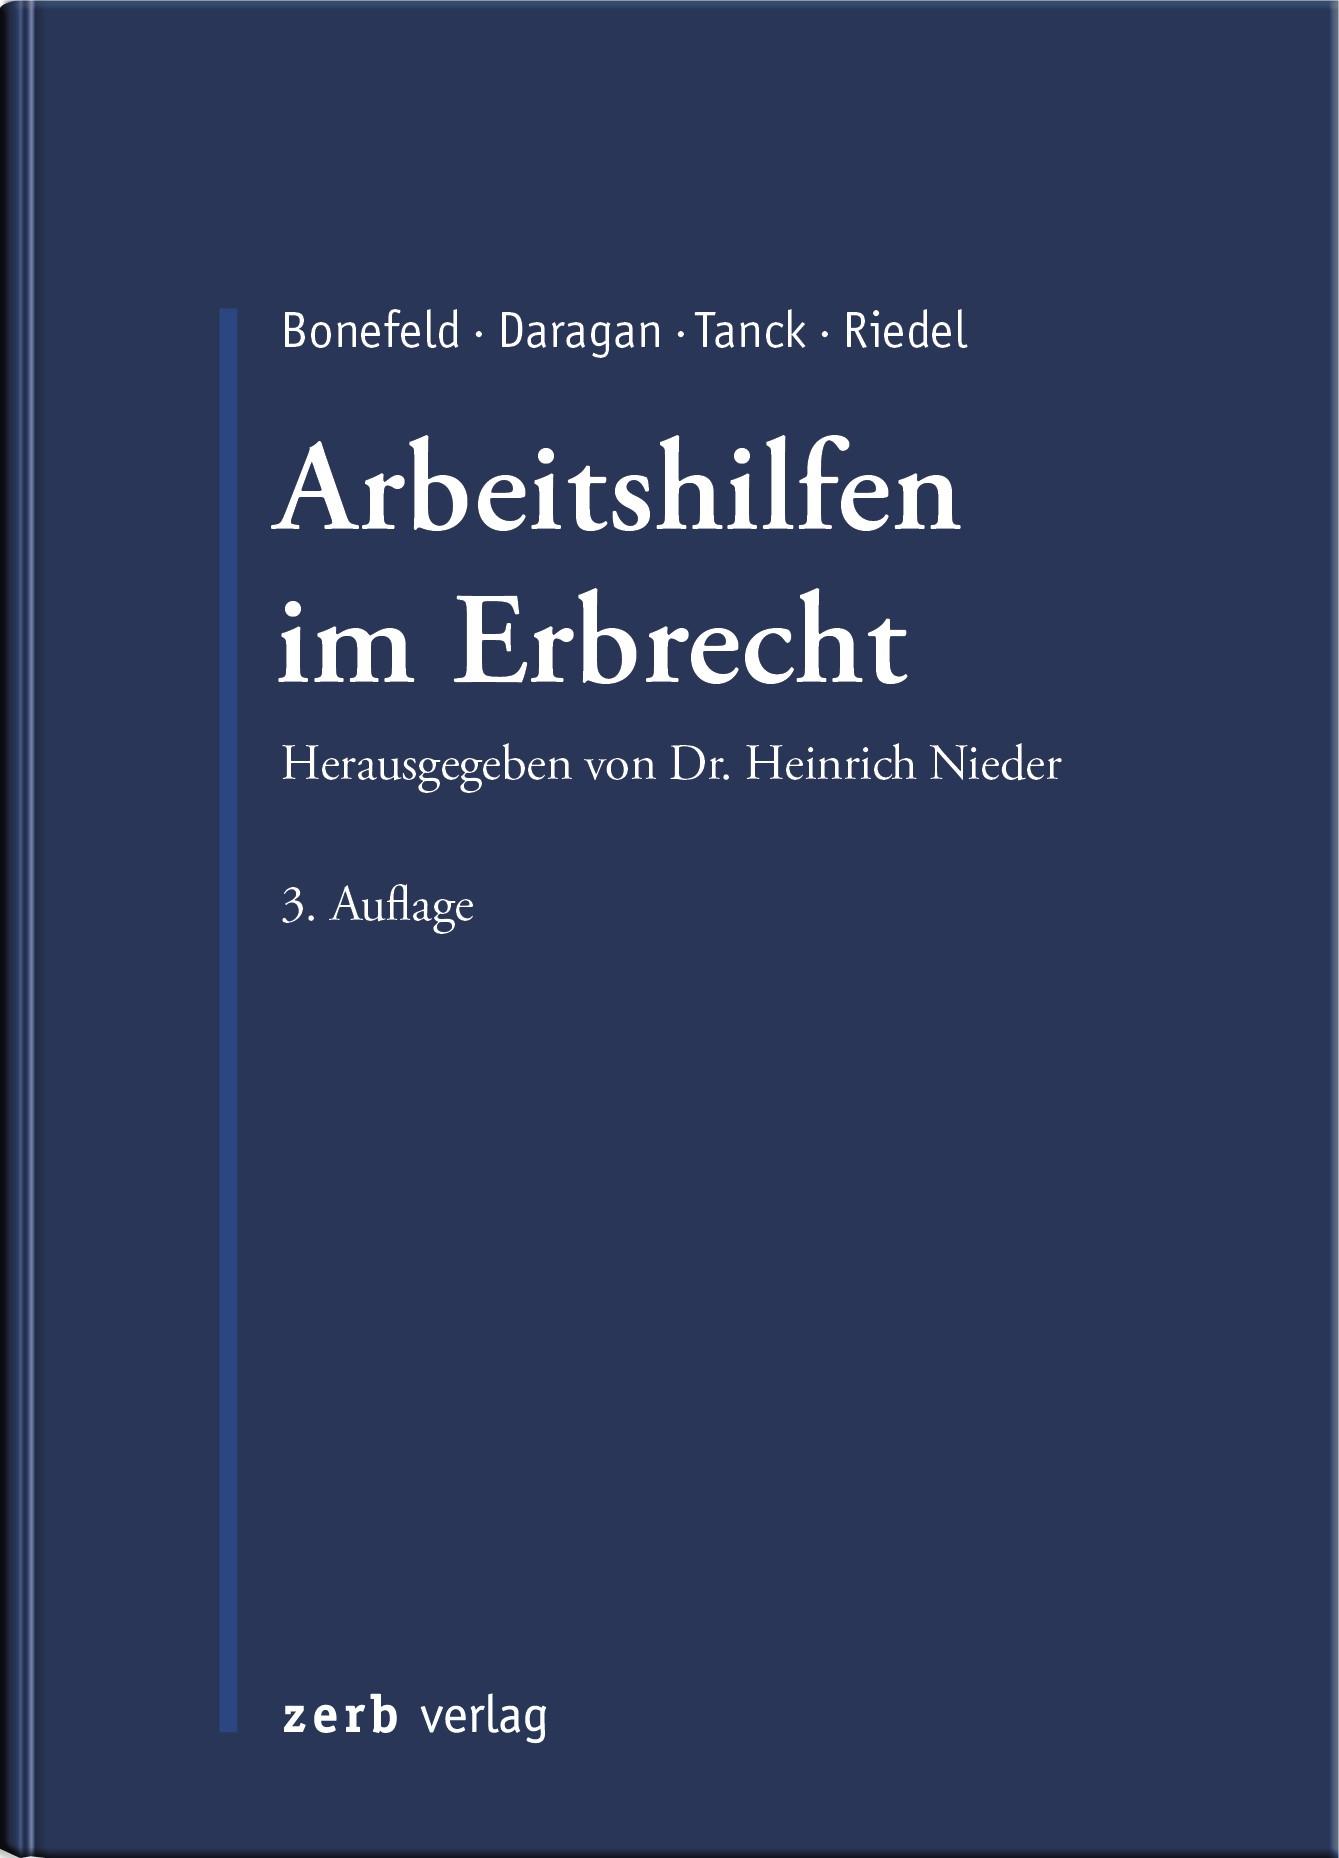 Abbildung von Bonefeld / Daragan / Tanck / Riedel | Arbeitshilfen im Erbrecht | 3. Auflage | 2009